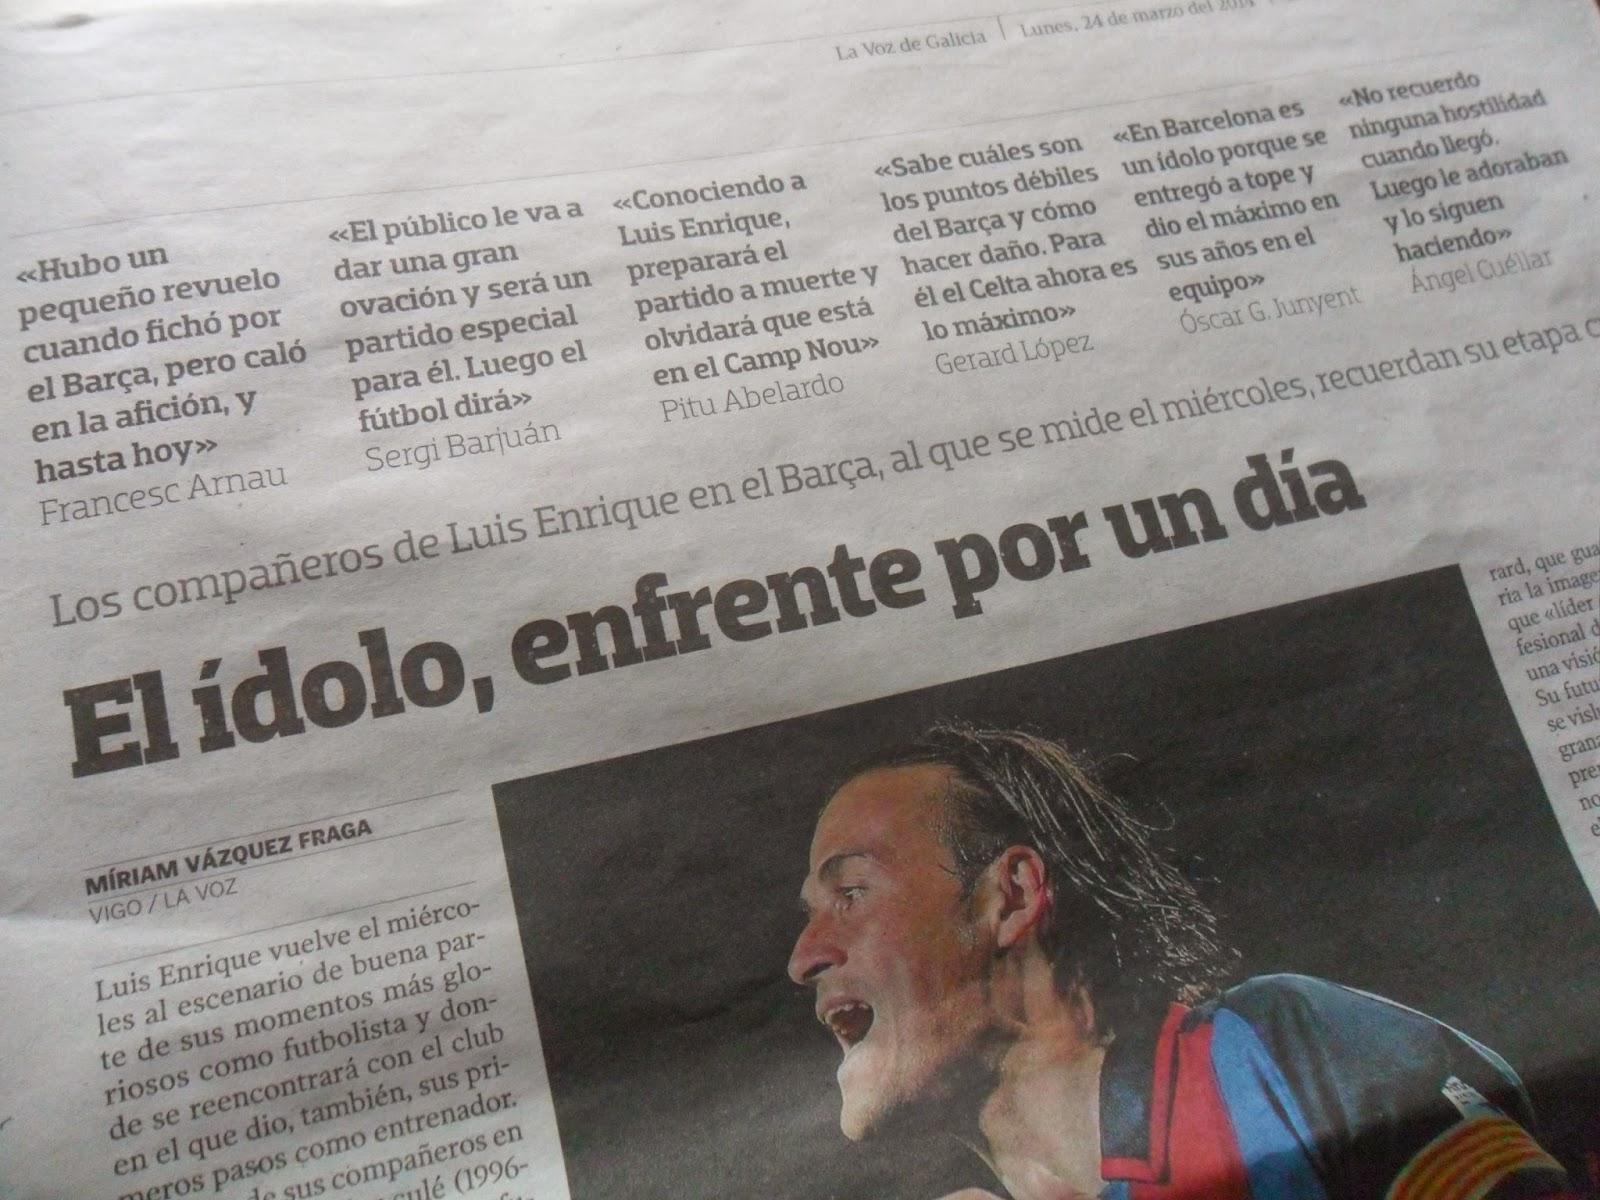 Compañeros de Luis Enrique en el Barça recuerdan su etapa culé